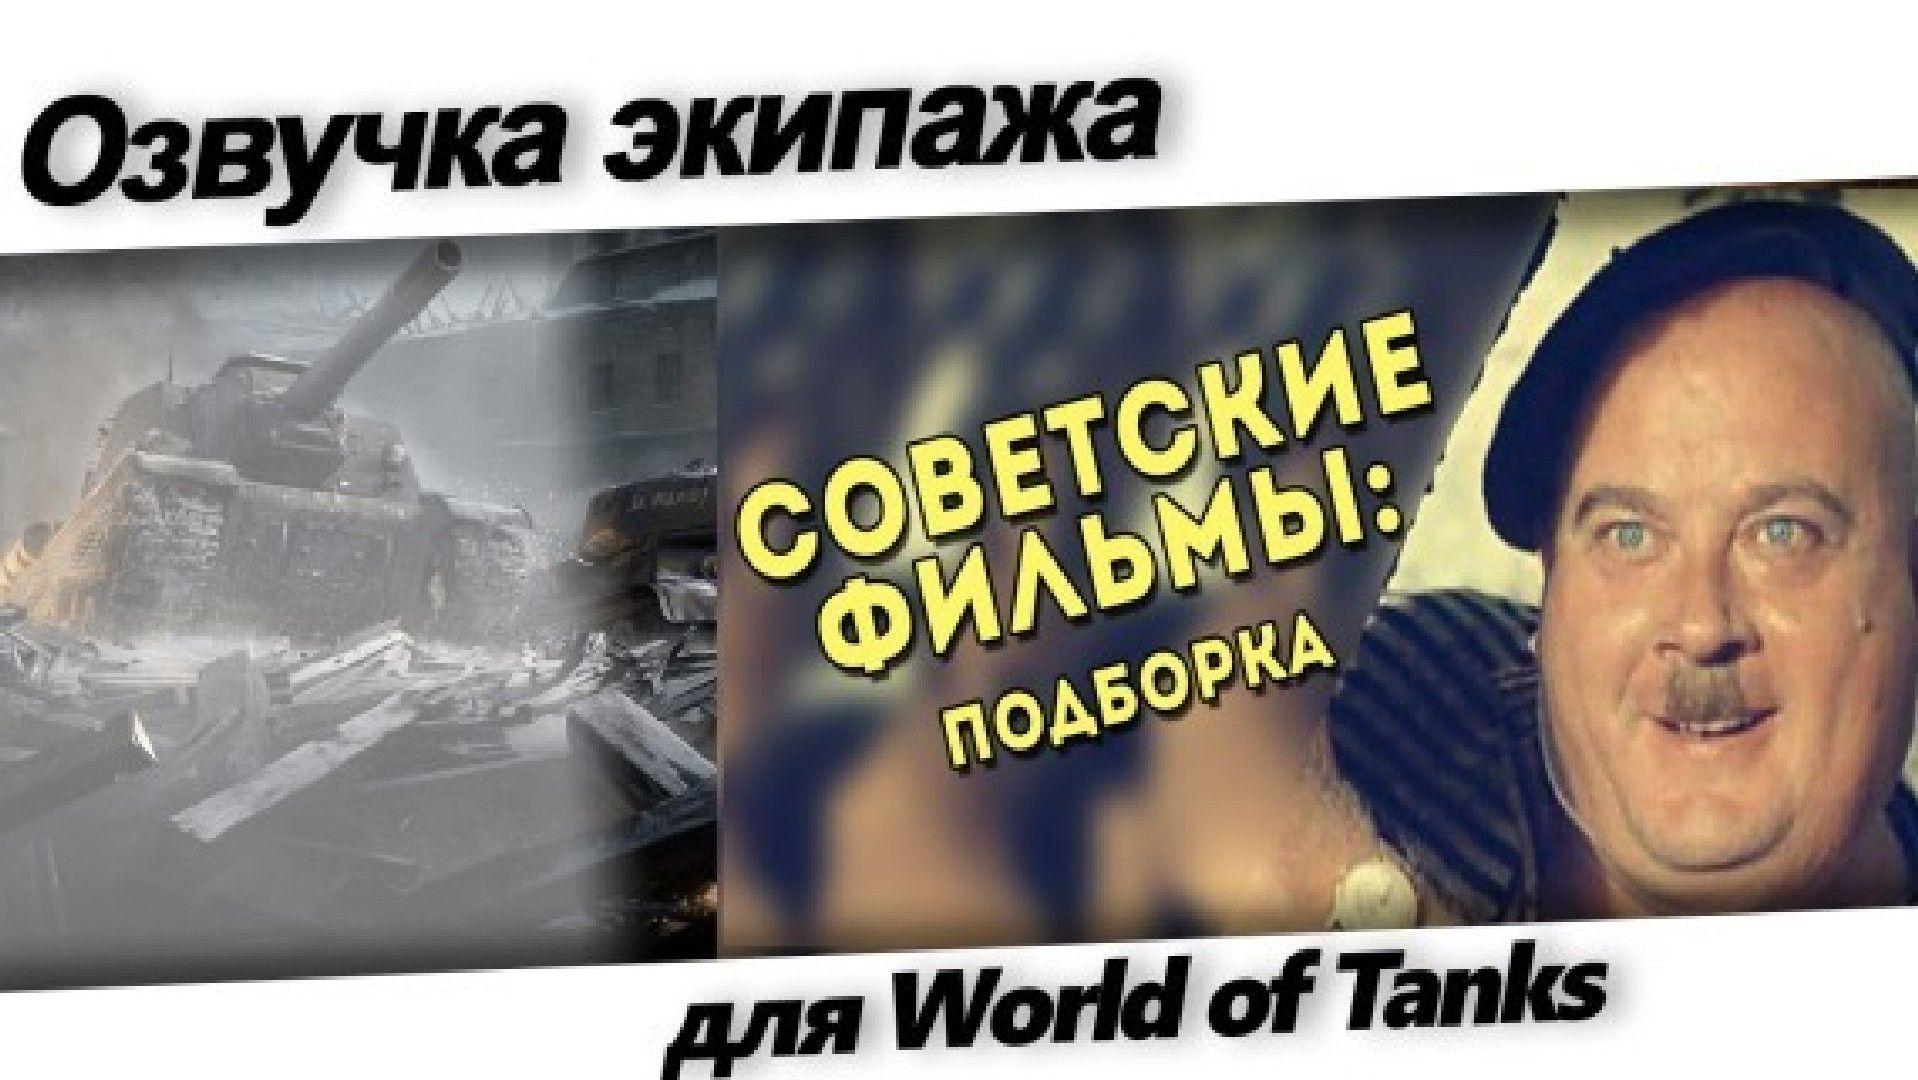 Mod ozvuchki Sovetskih filmov